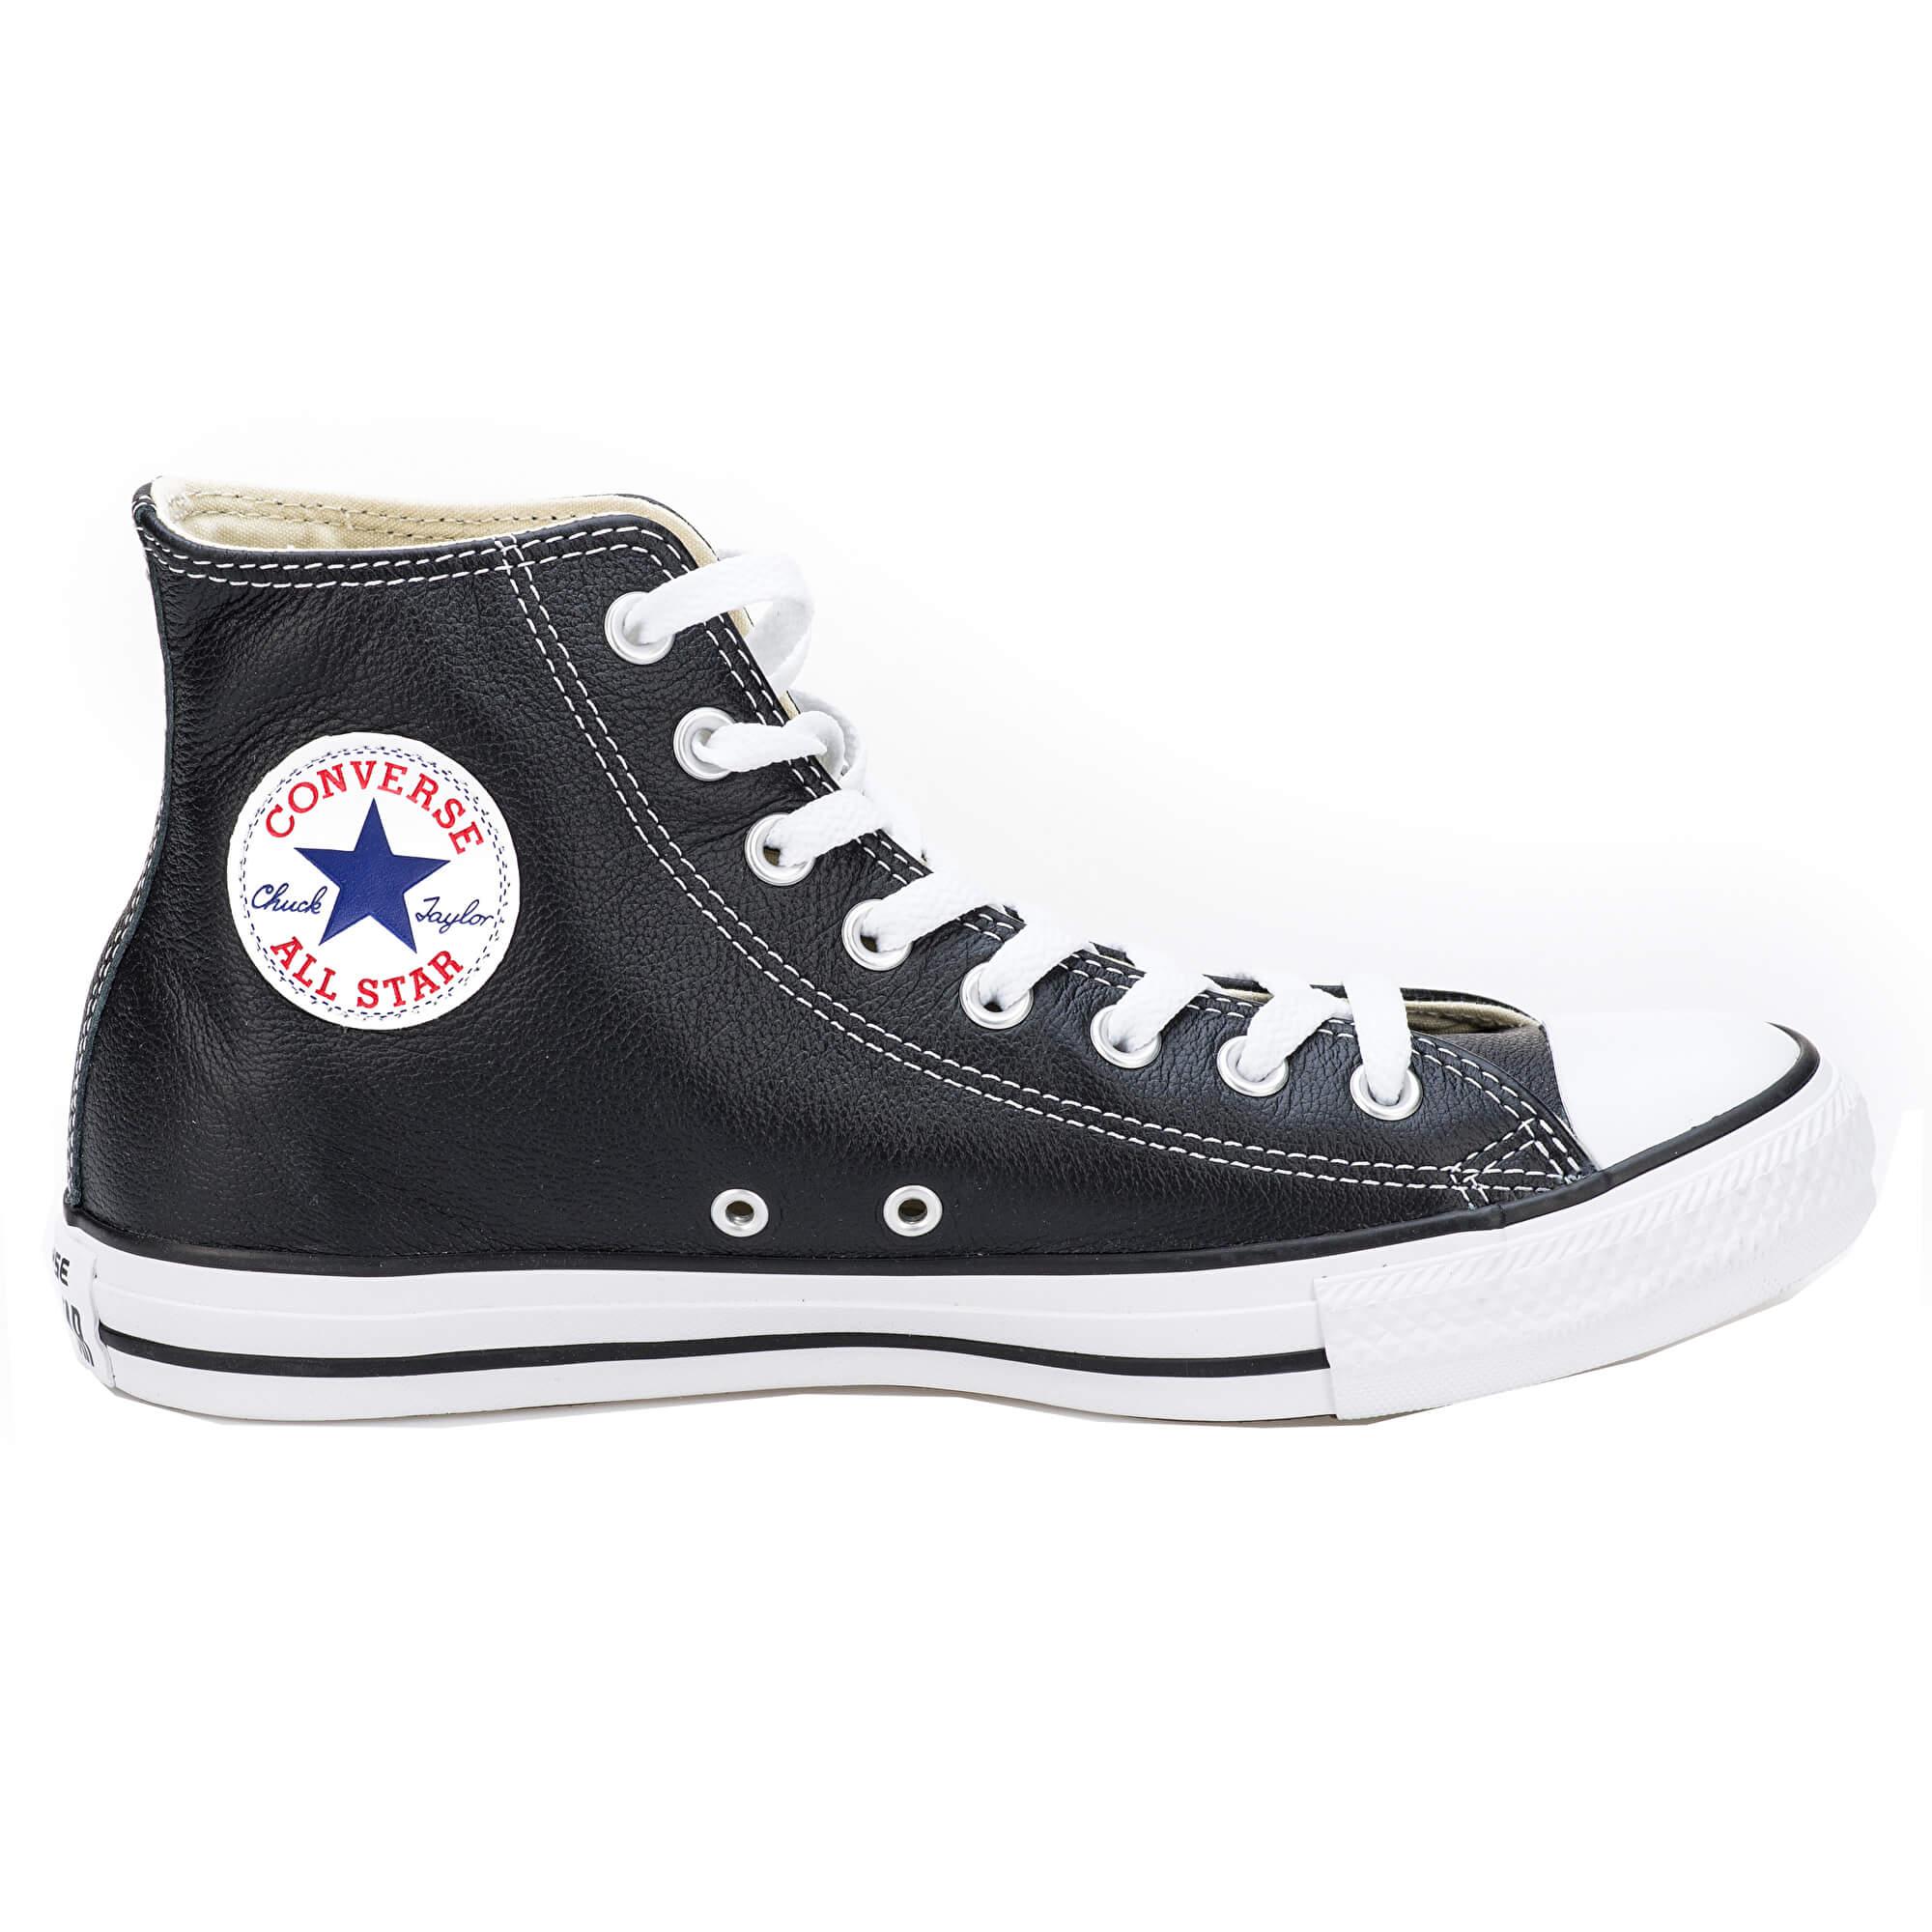 Converse Chuck Taylor All Star Black férfi vászoncipő Ingyenes ... 8289a00368